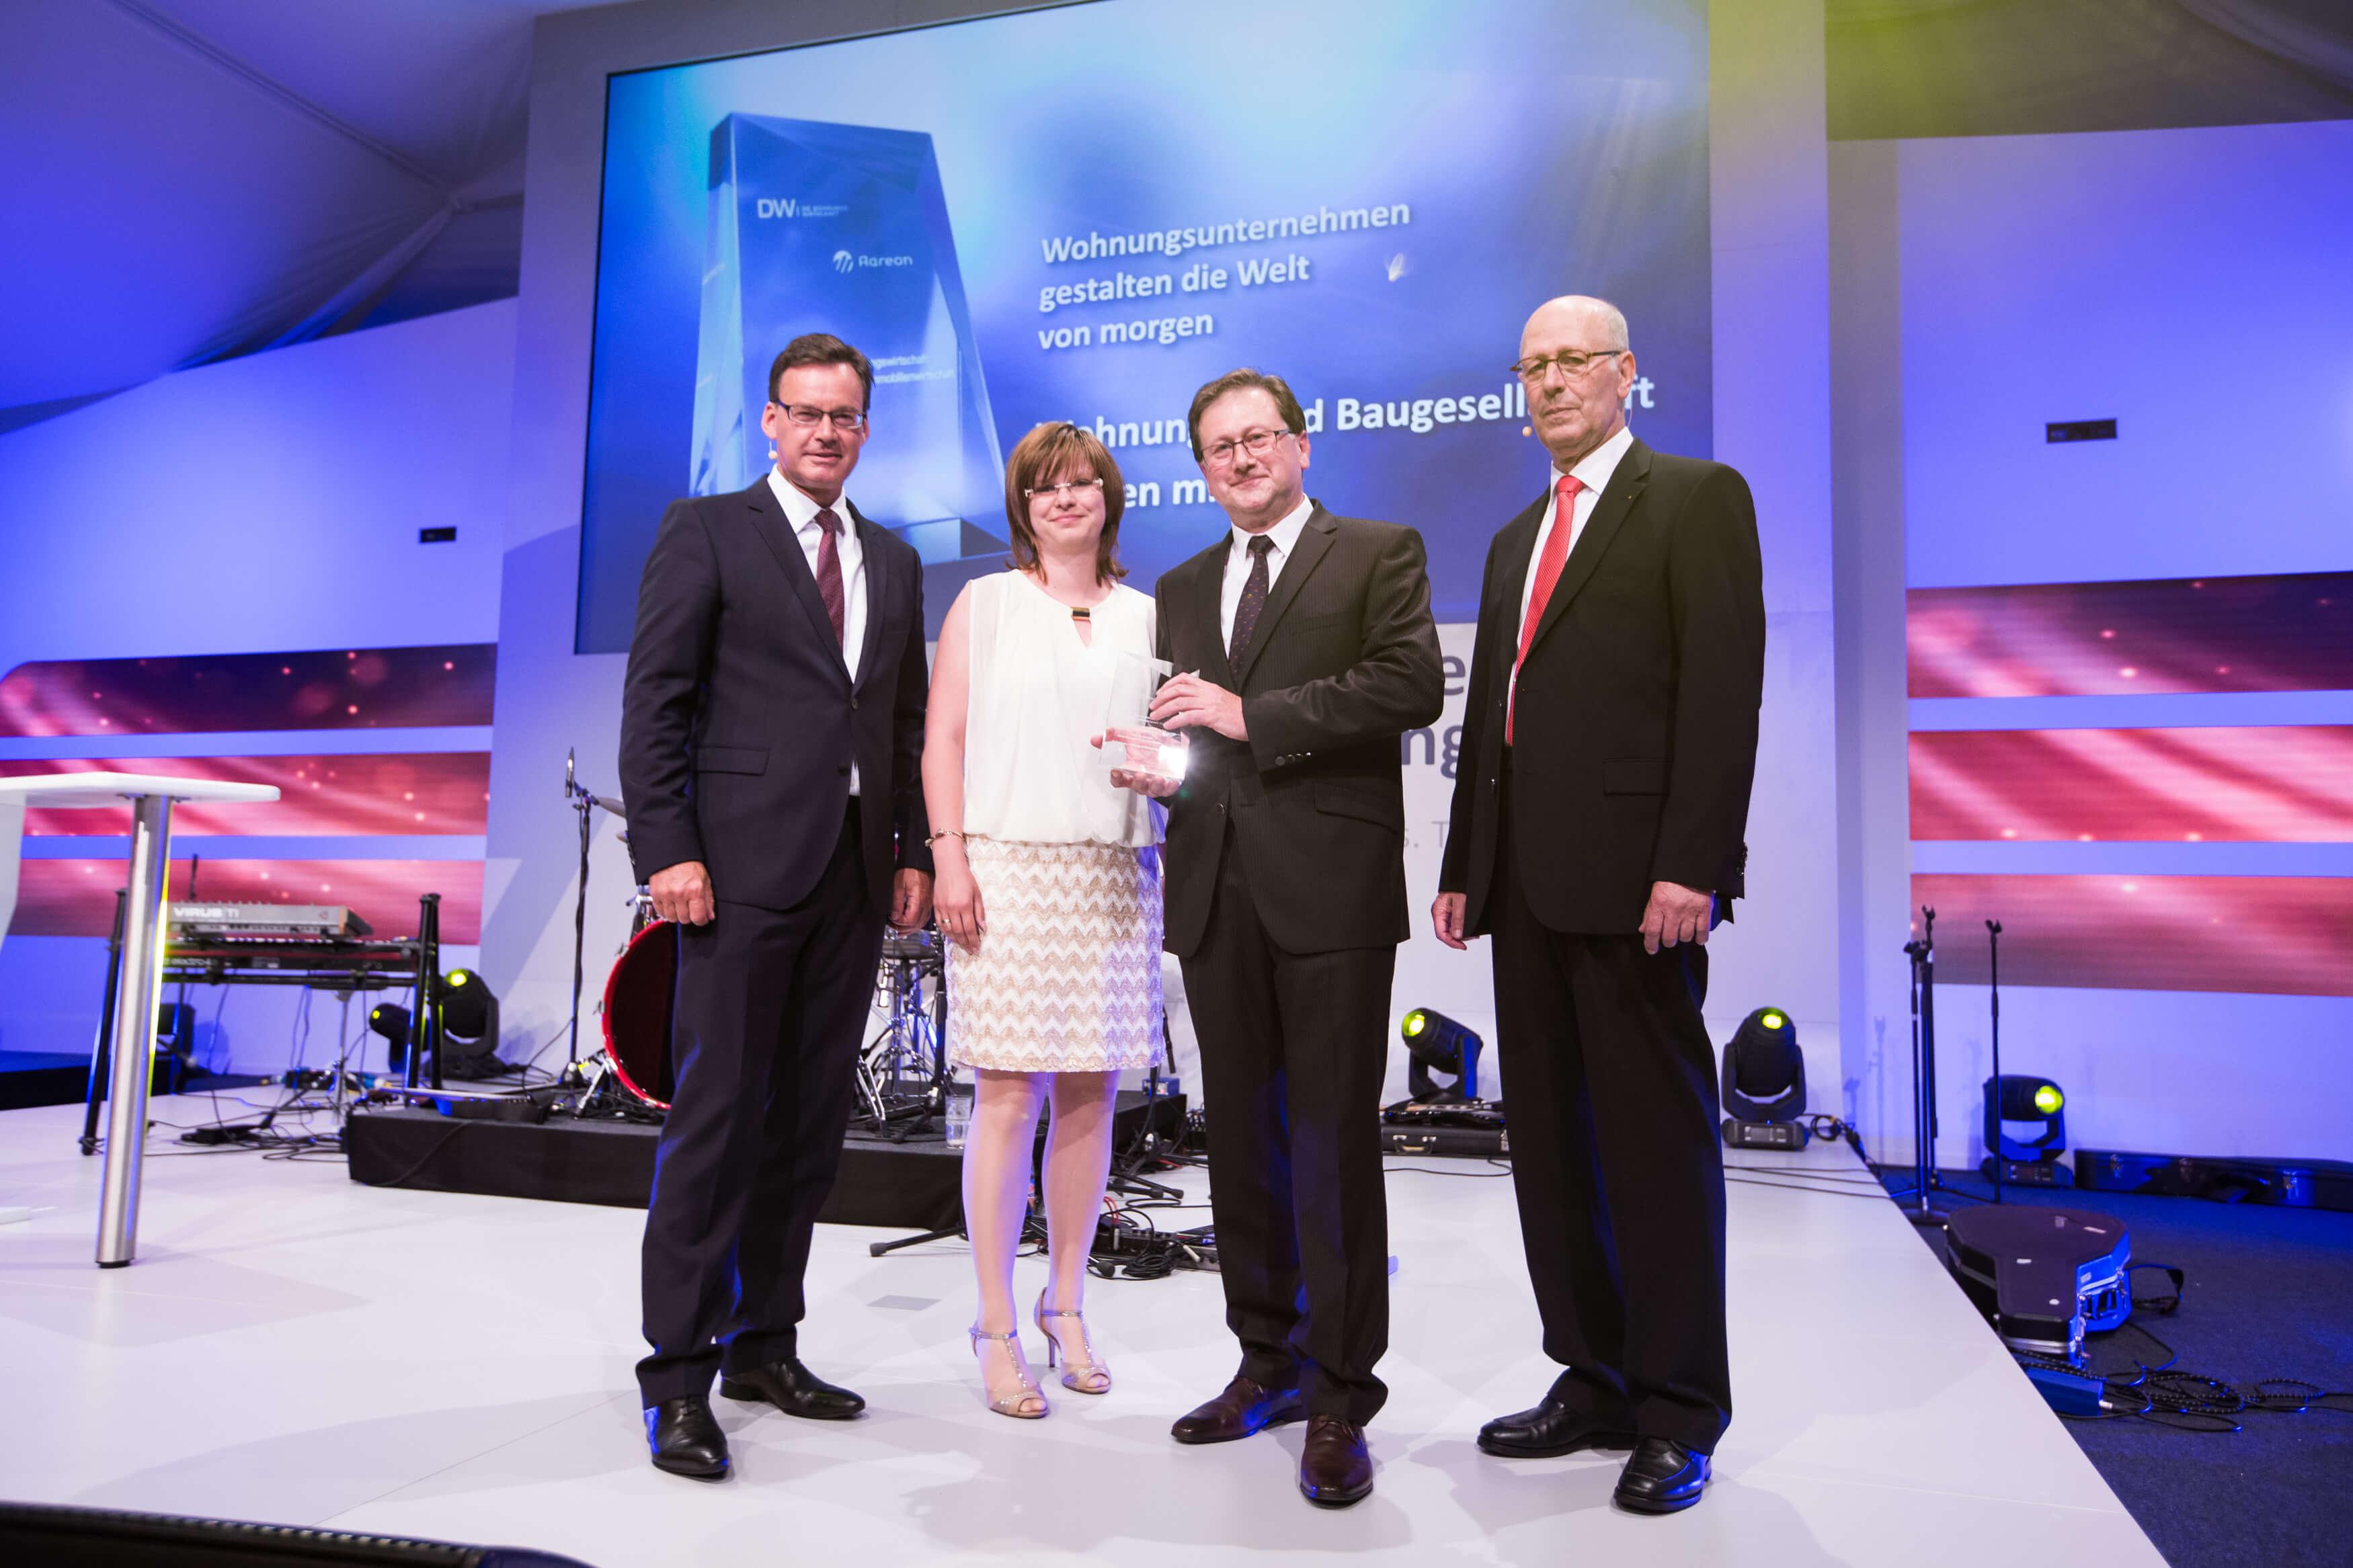 Gewinnerbild: Wohnungs- und Baugesellschaft Wolfen mbH